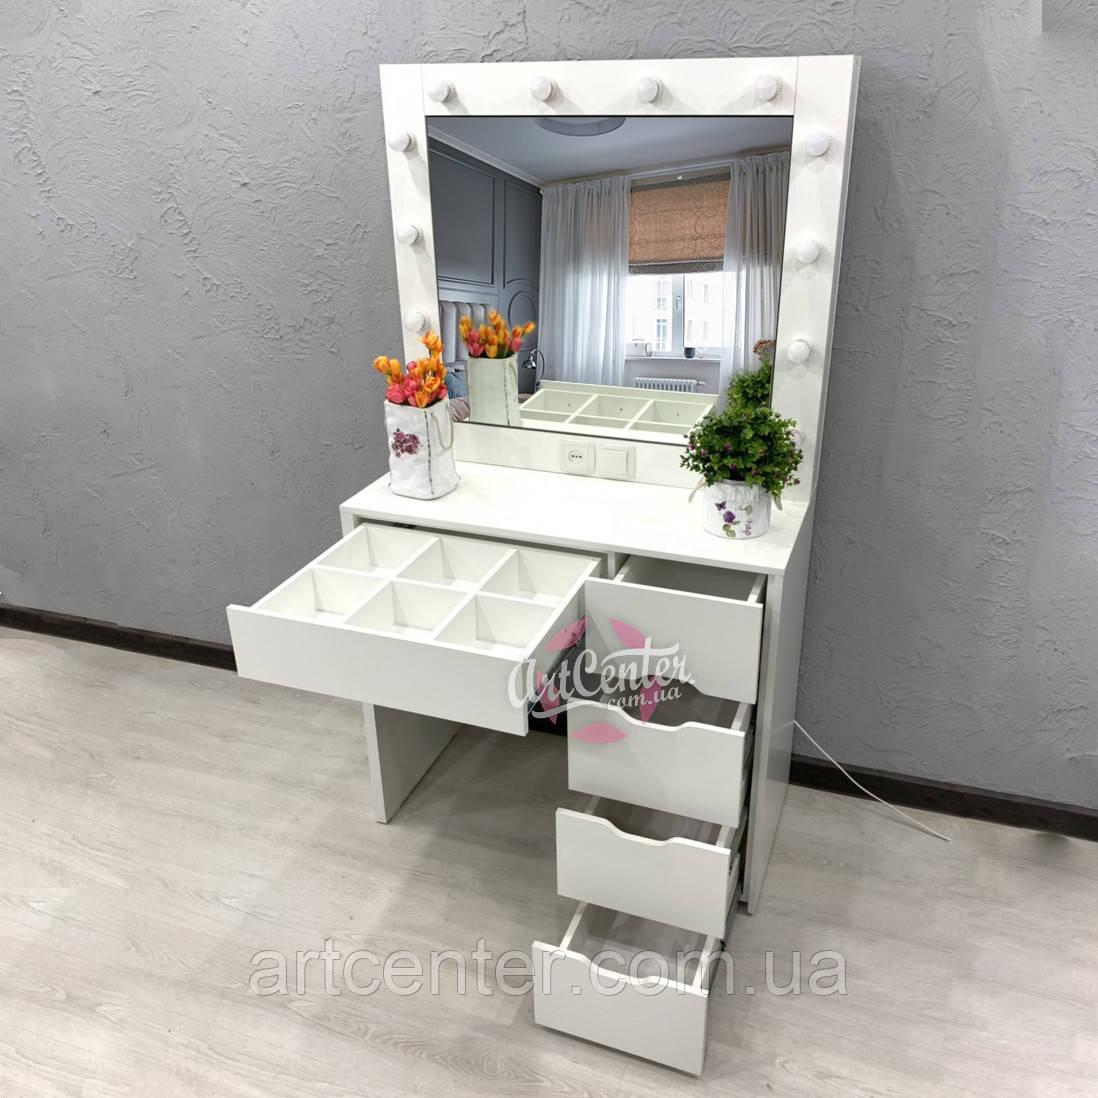 Туалетный столик с полочками внутри зеркала, туалетный столик, стол визажный